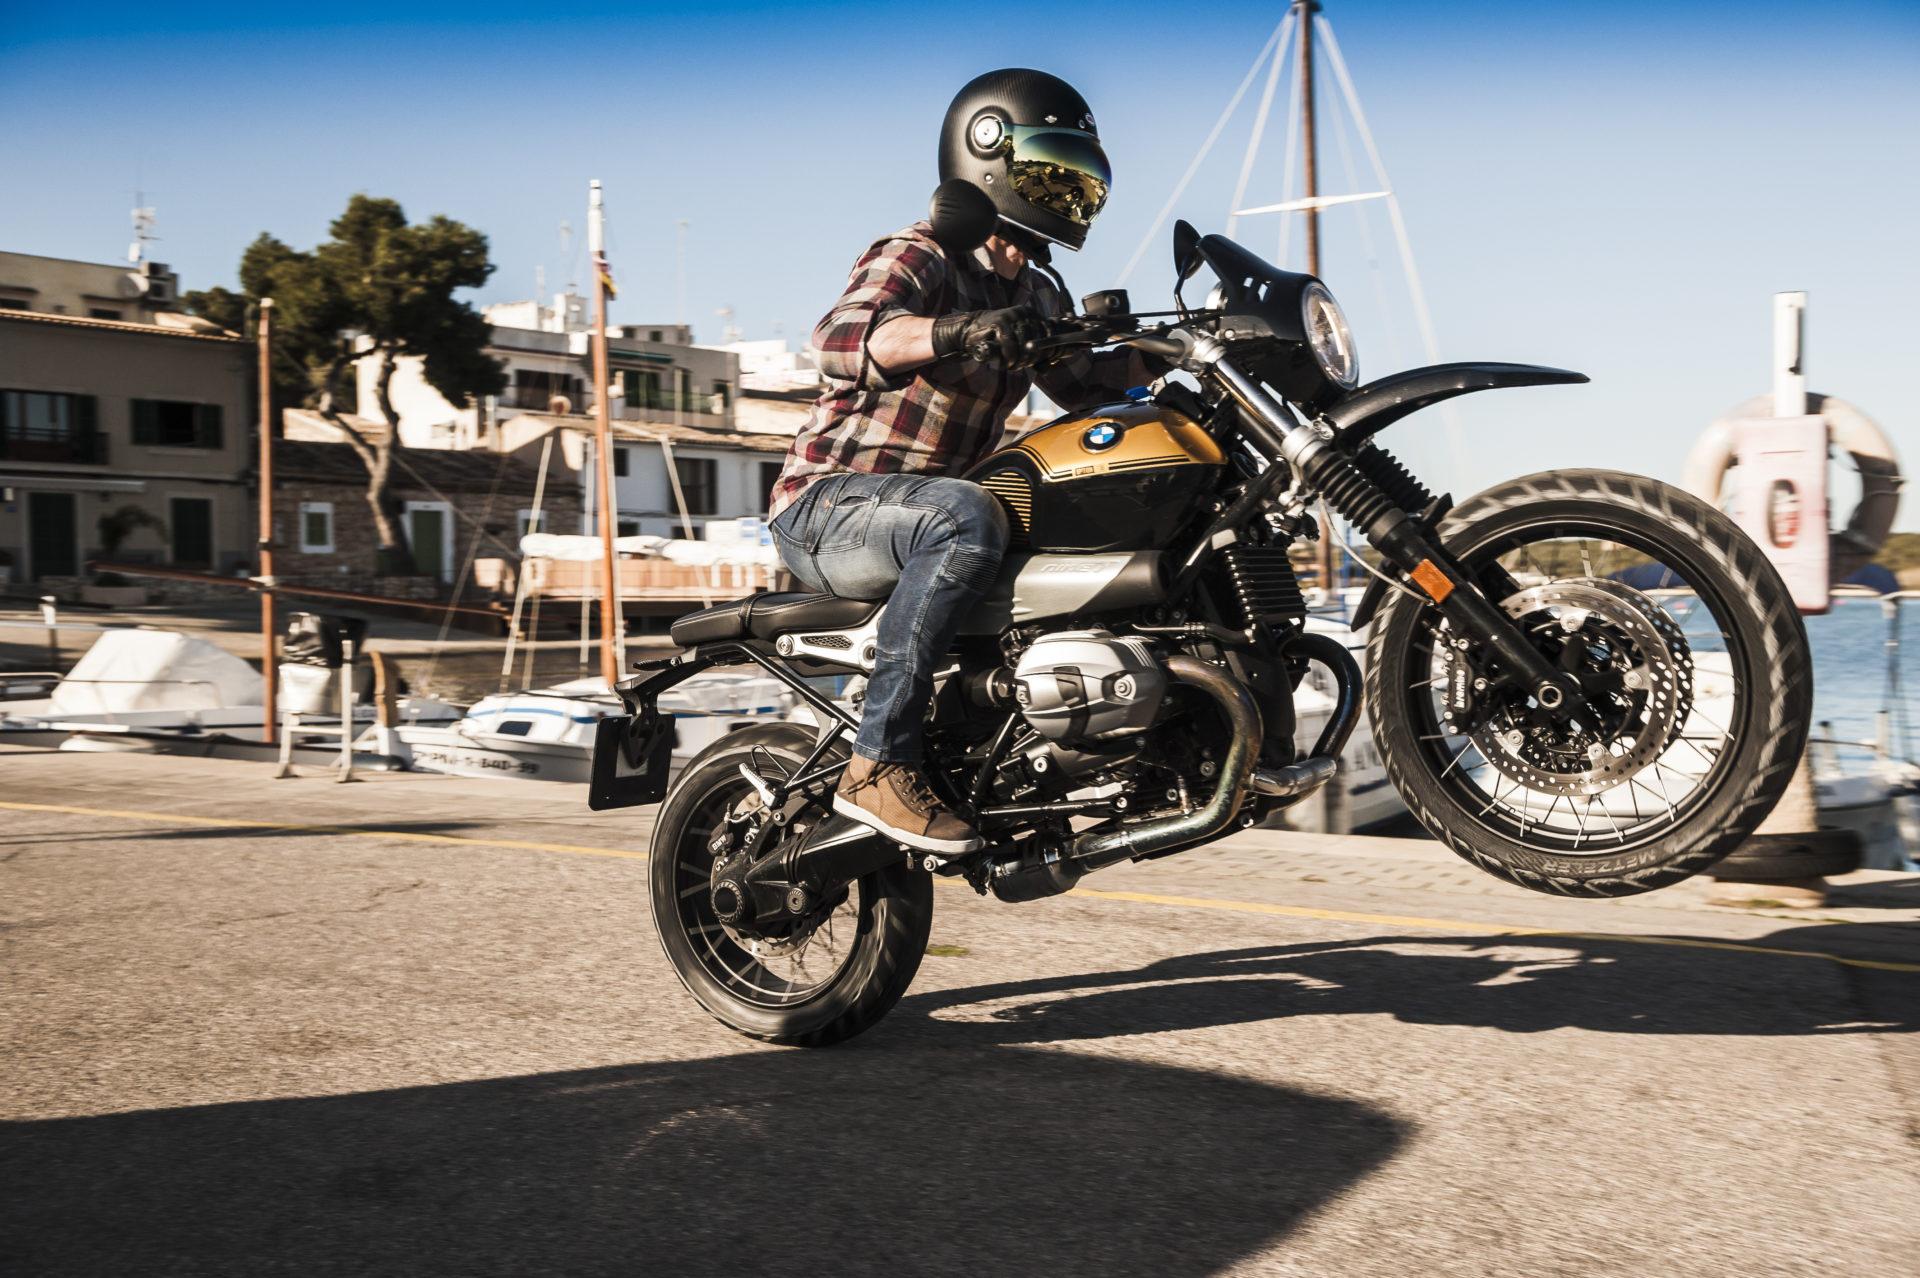 Właśnie odbyła się europejska premiera nowej marki motocyklowej dla... niepokornych. Jeśli więc jesteś motocyklistą z charakterem, korzystającym z życia w 200%, a styl jest nieodłączną częścią Twoich przygód, to BROGER może być dla Ciebie.